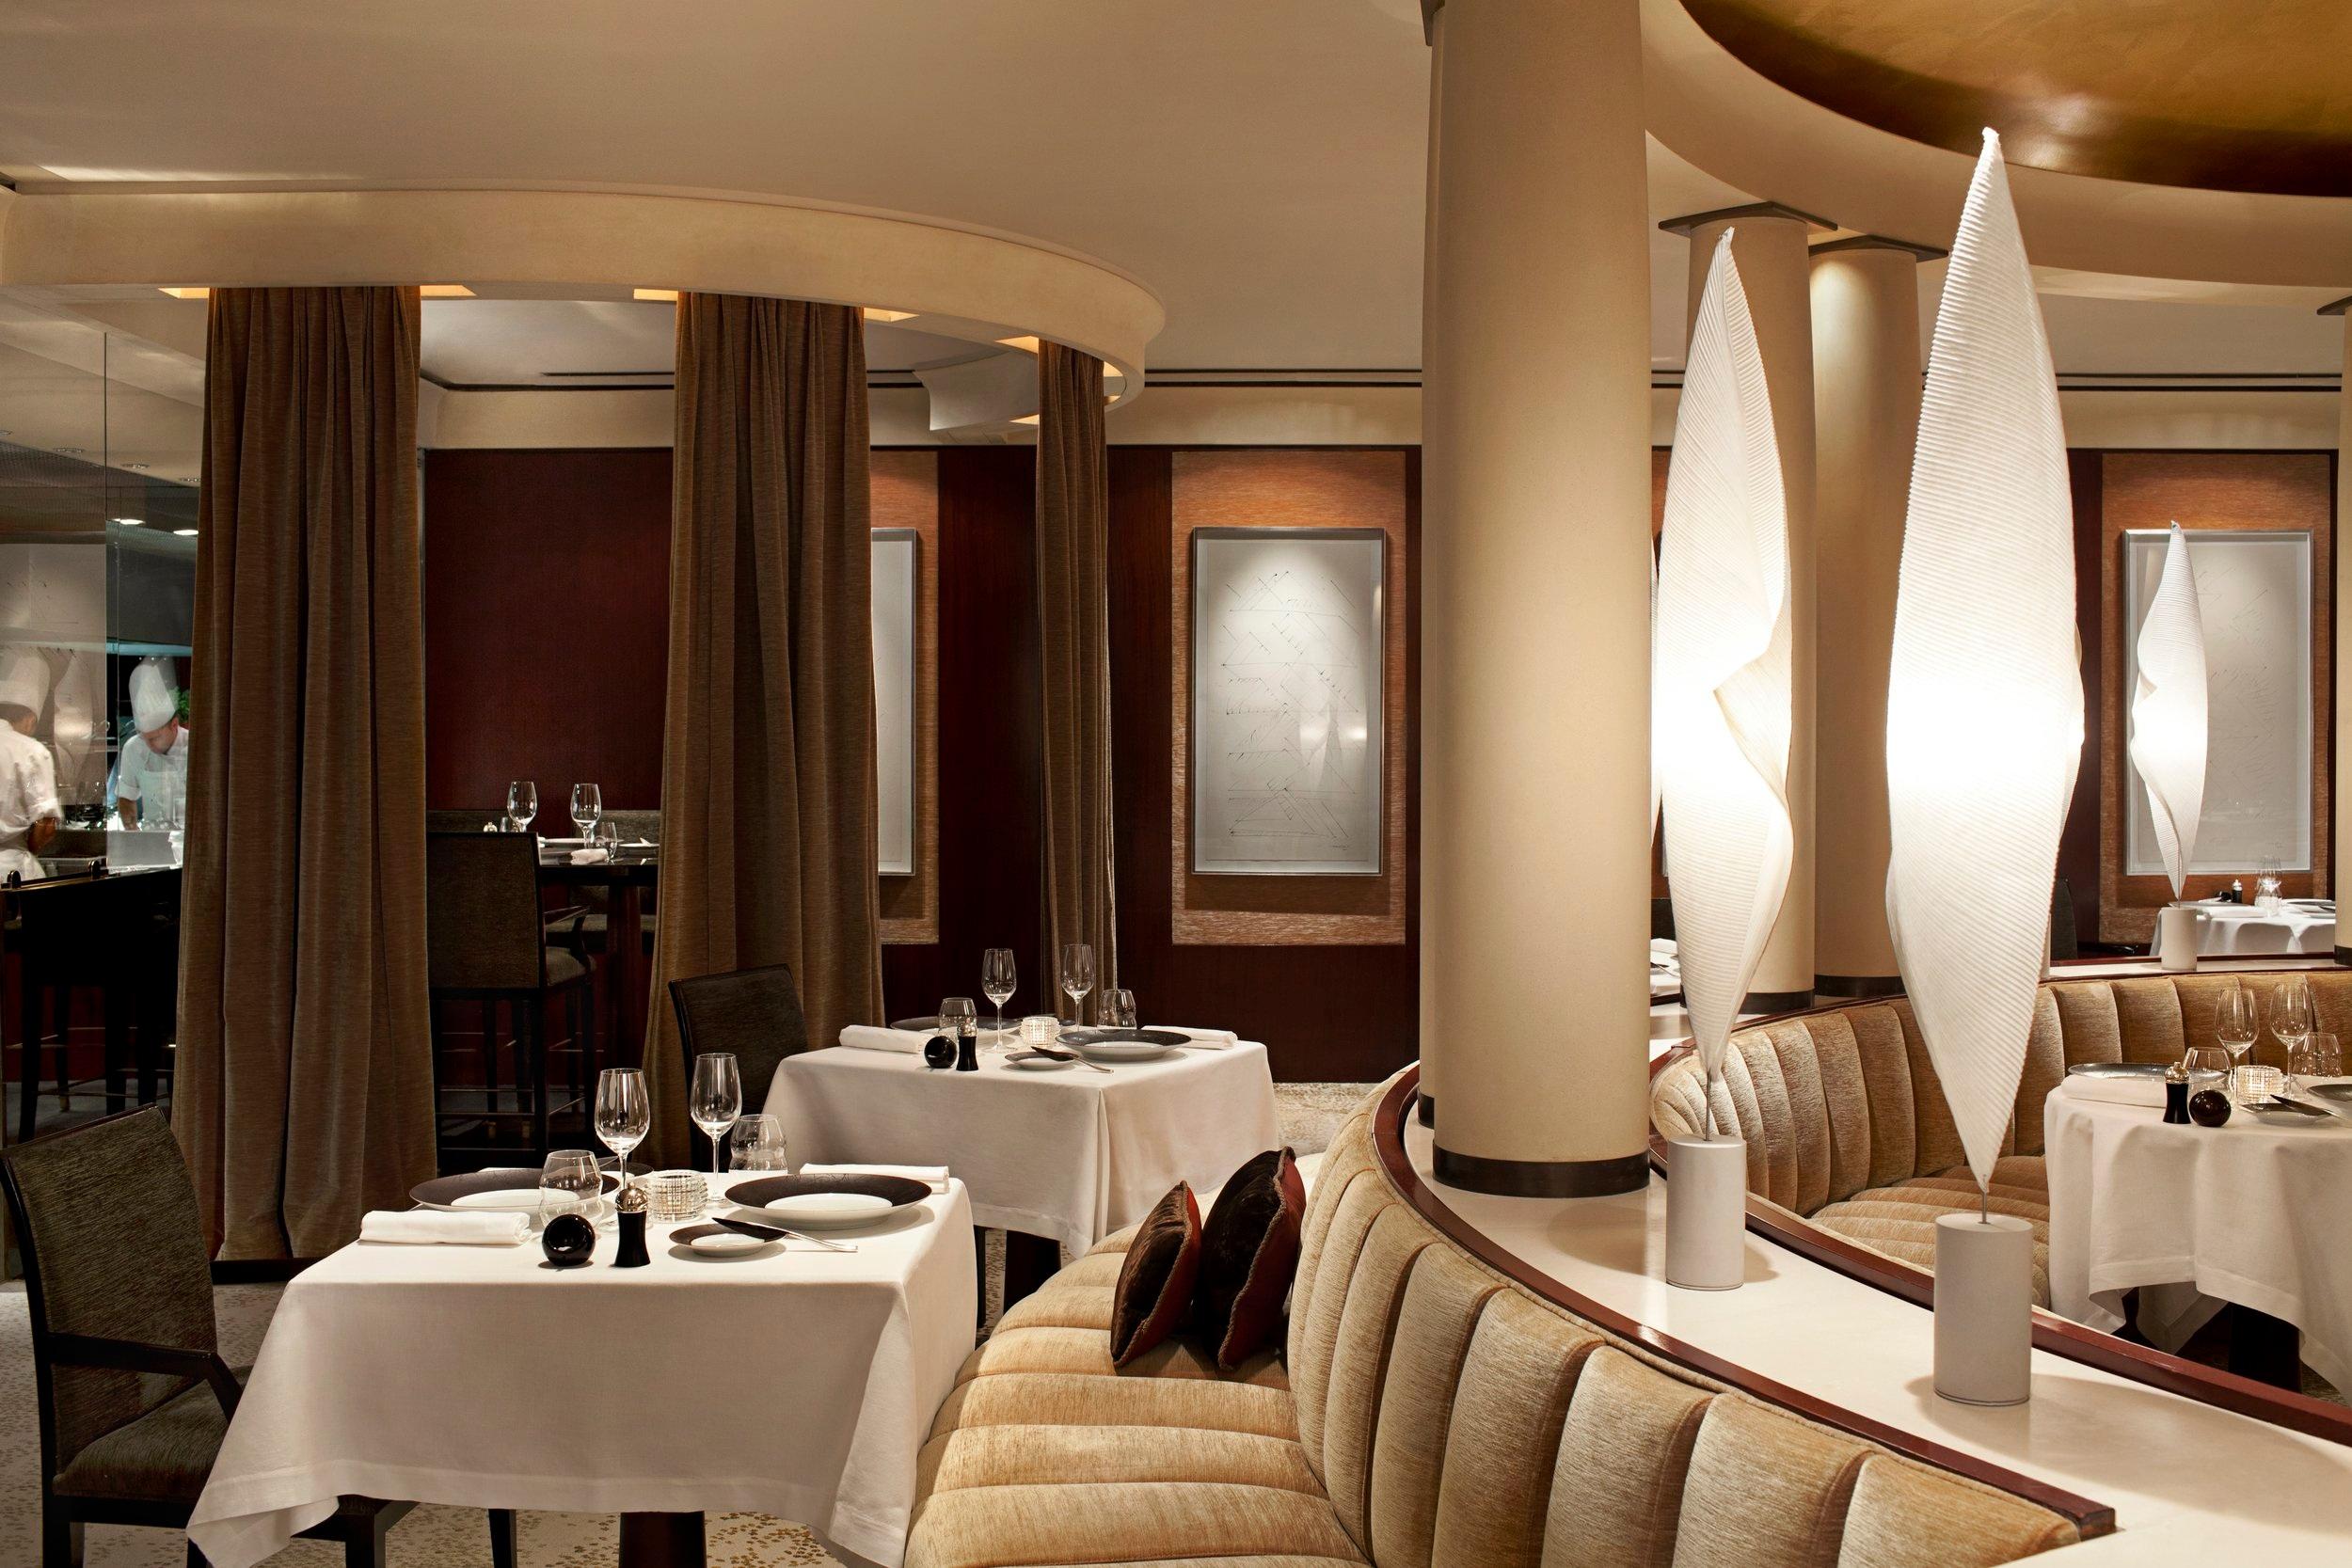 Saint-Valentin - Pur' Jean-François Rouquette - Restaurant étoilé Paris 2e